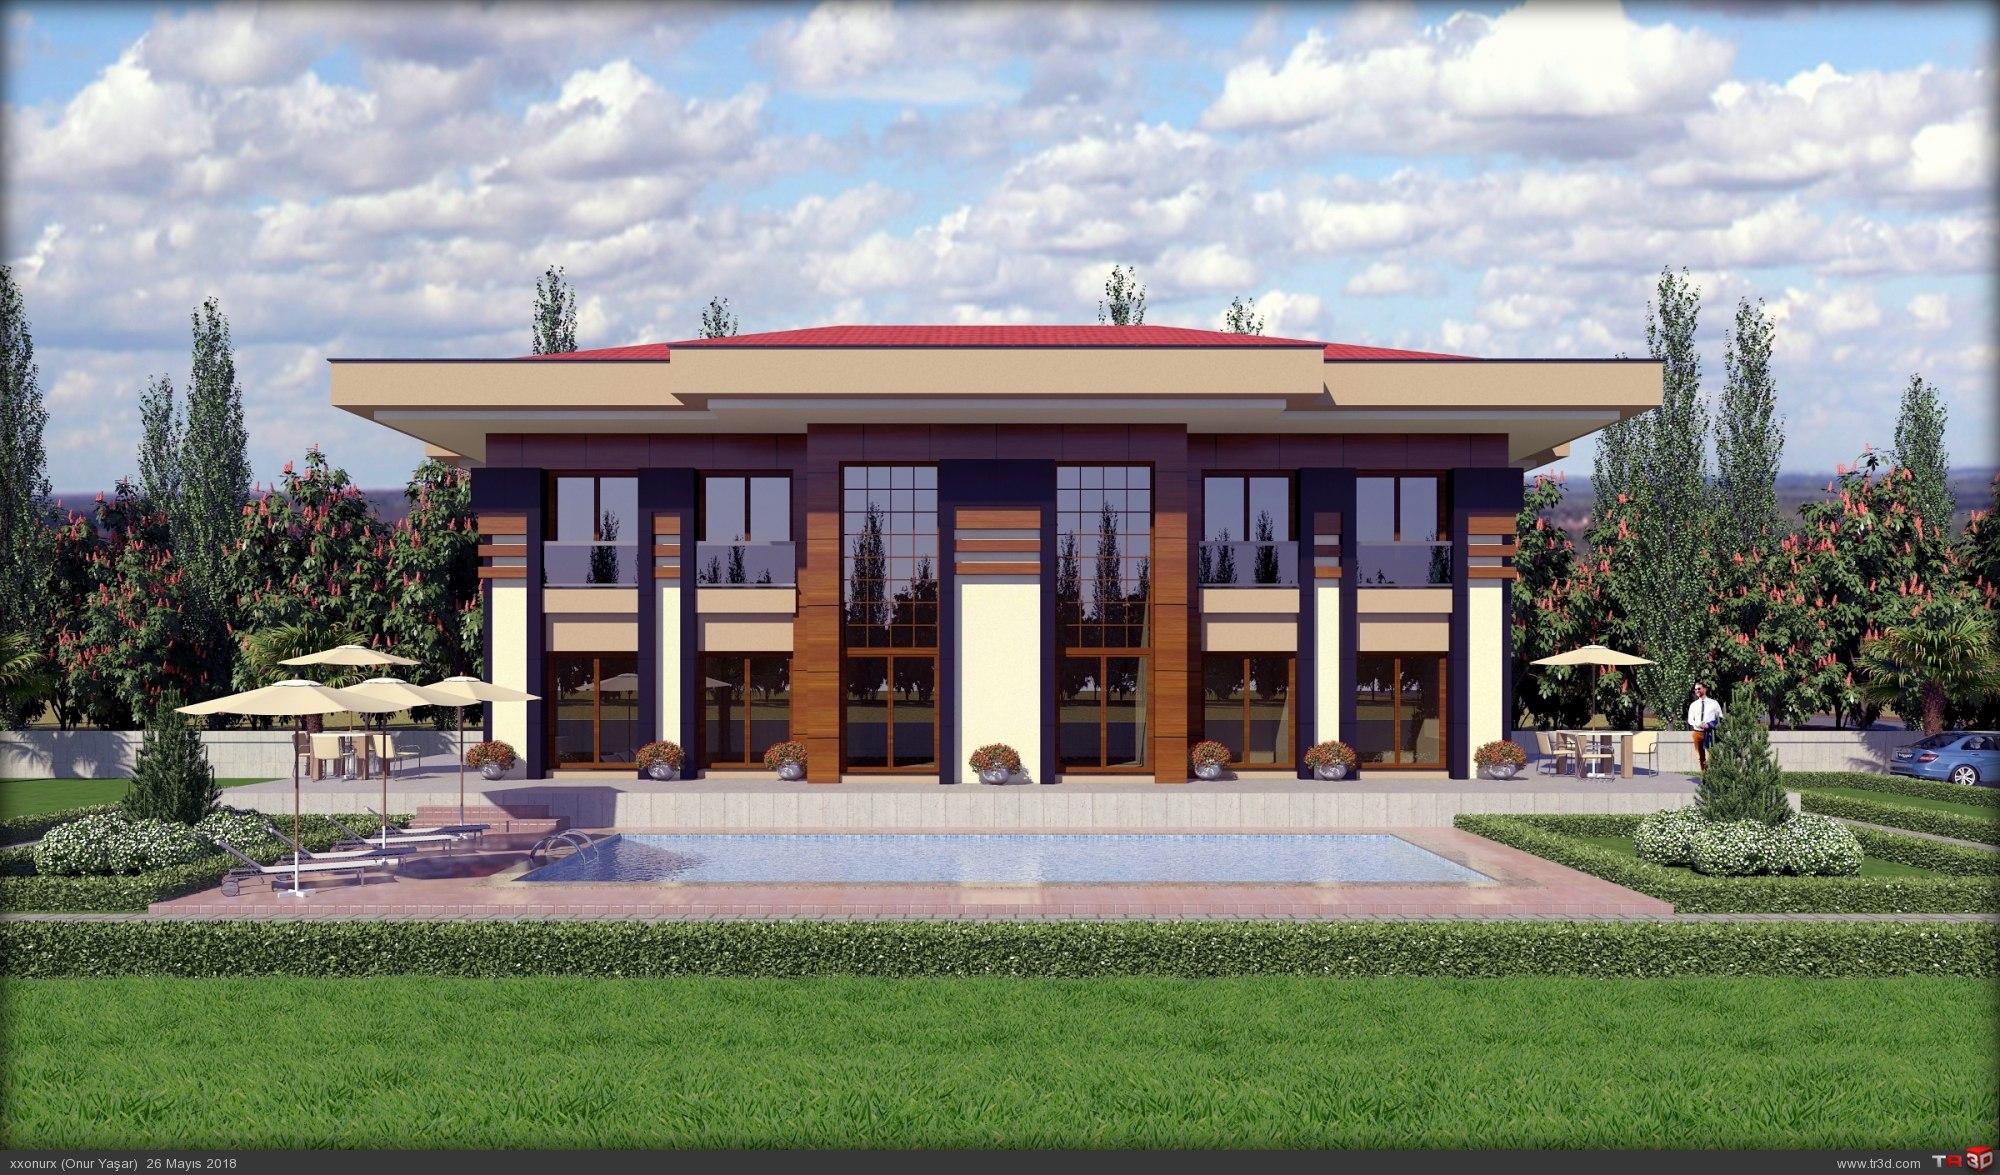 Villa Selimpaşa